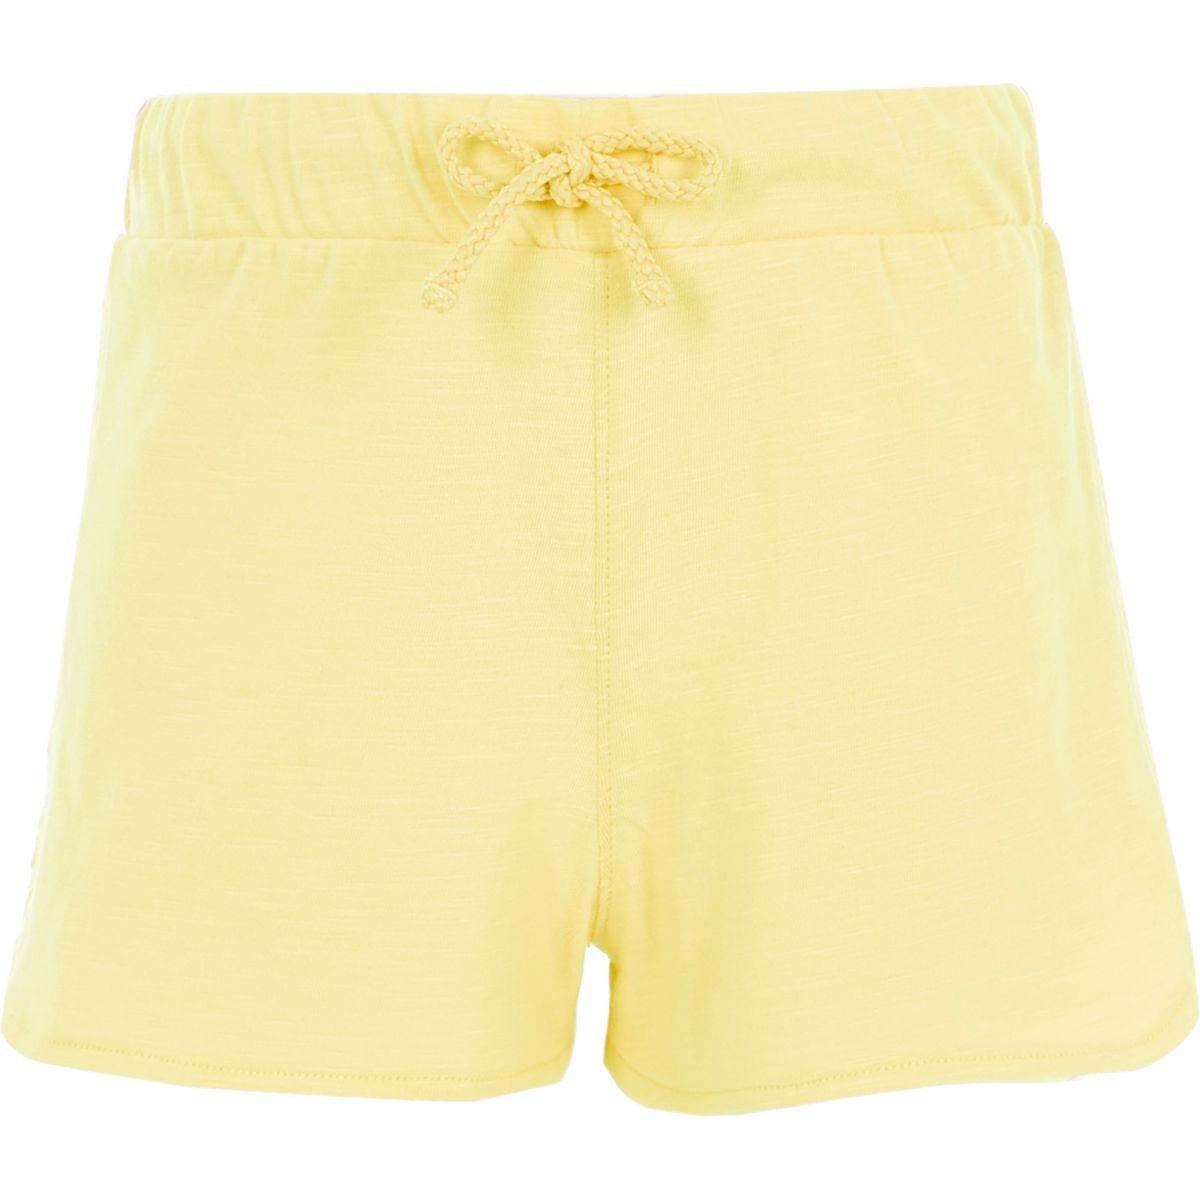 Short de course jaune à côtés au crochet pour fille